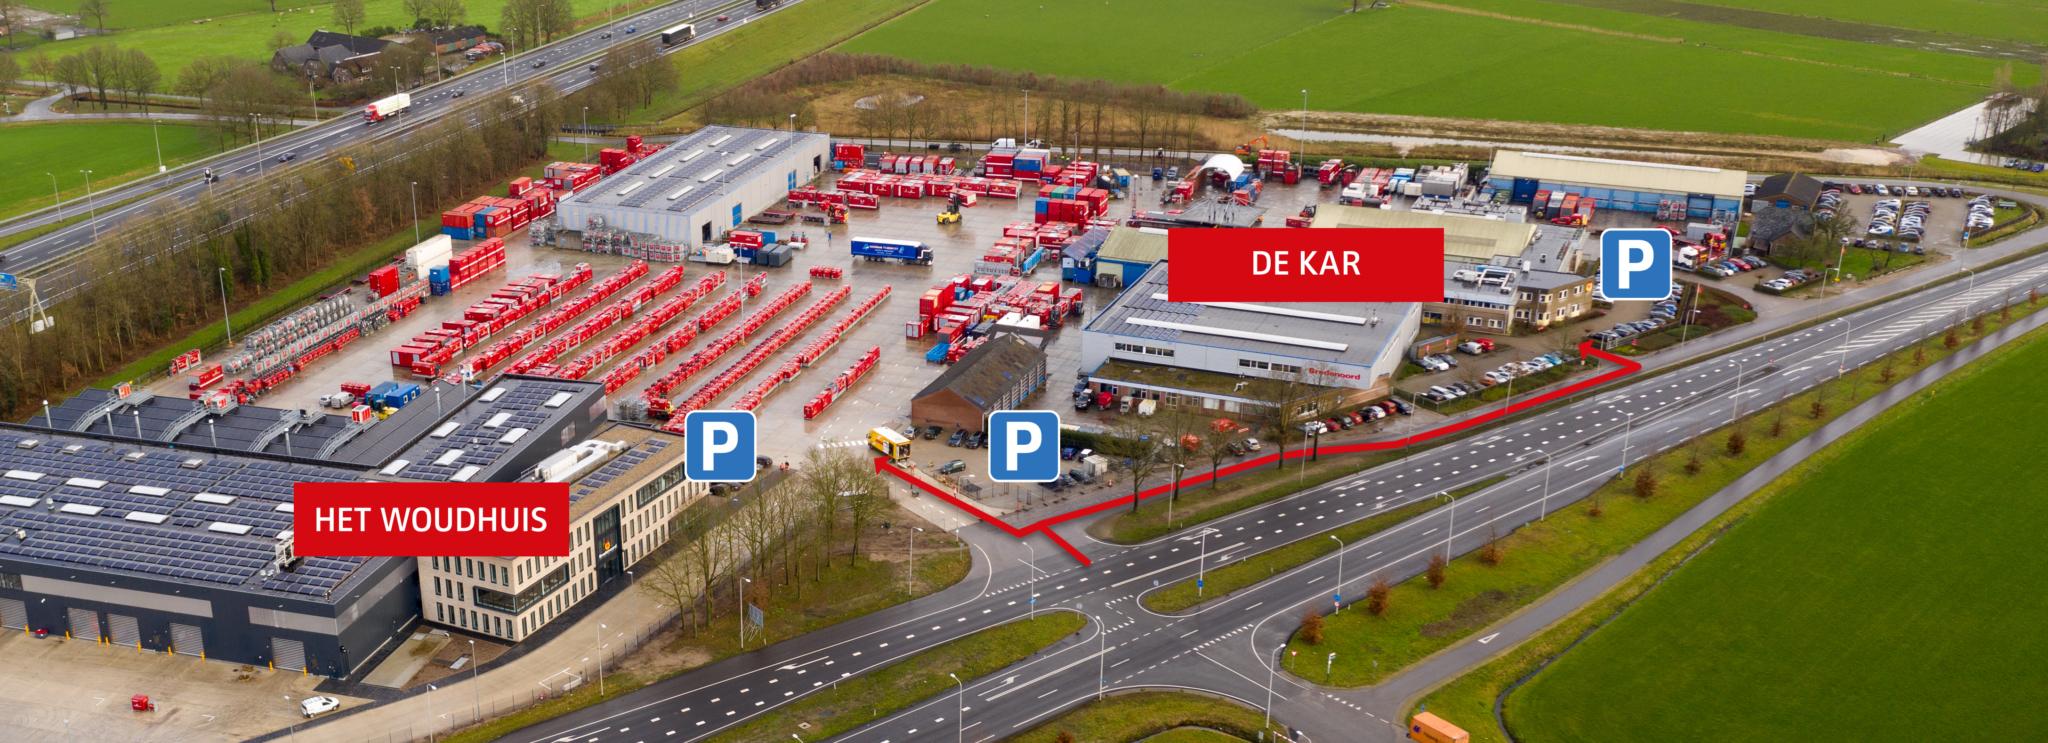 De nieuwe situatie op het terrein van Bredenoord.